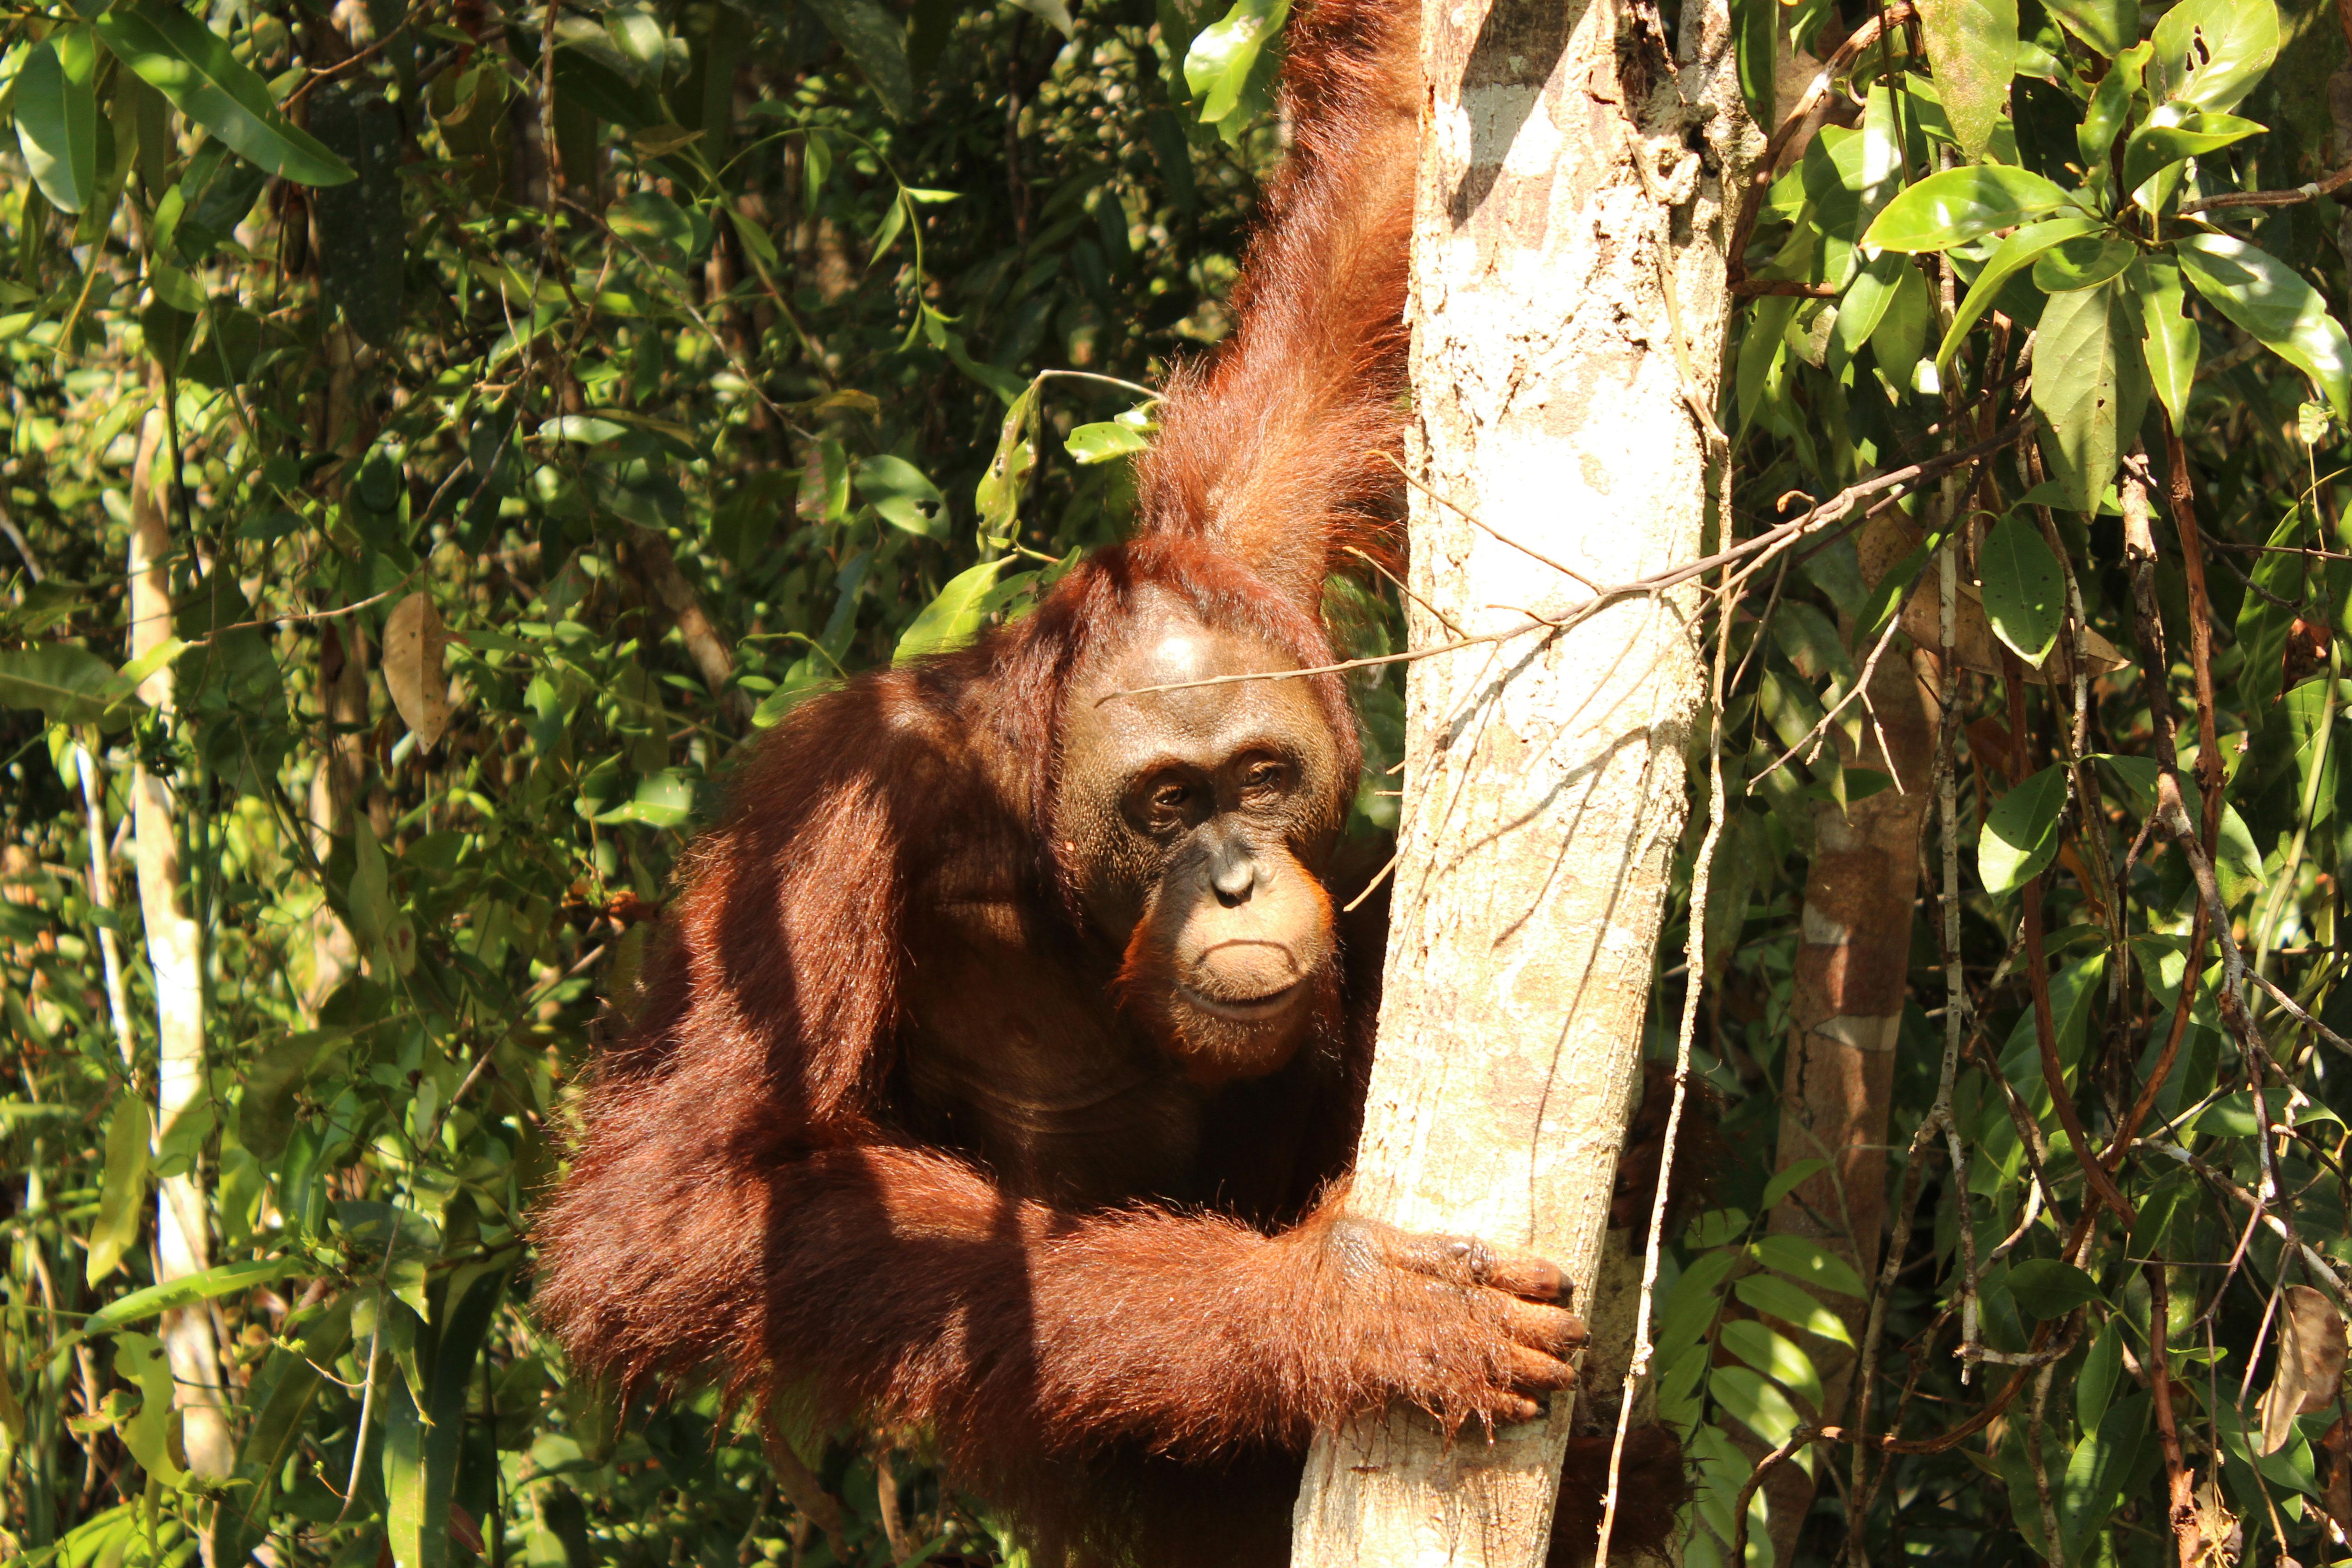 Orangutan-en-el-arbol